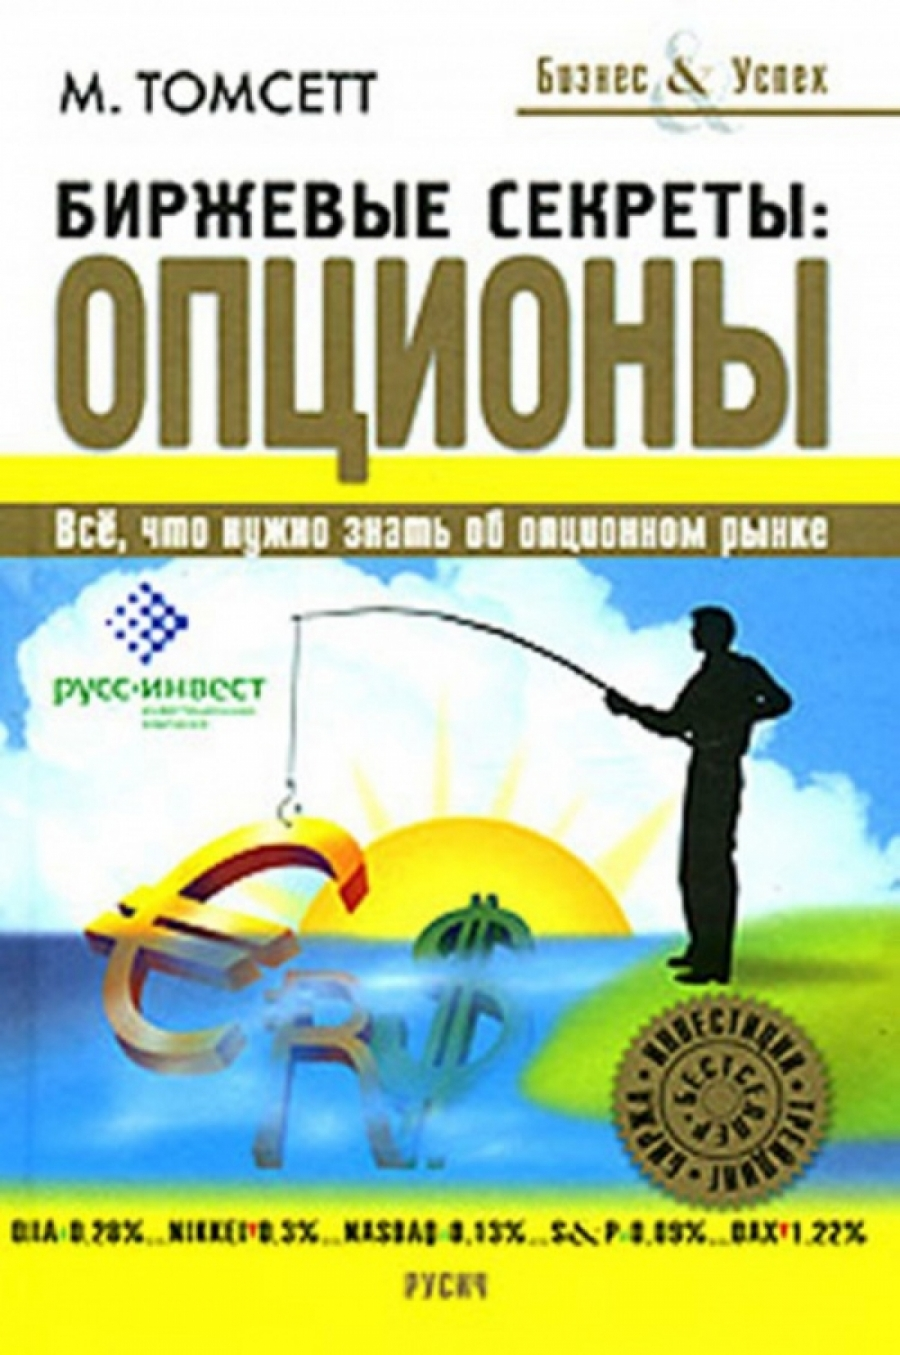 Обложка книги:  м. томсетт - биржевые секреты. опционы